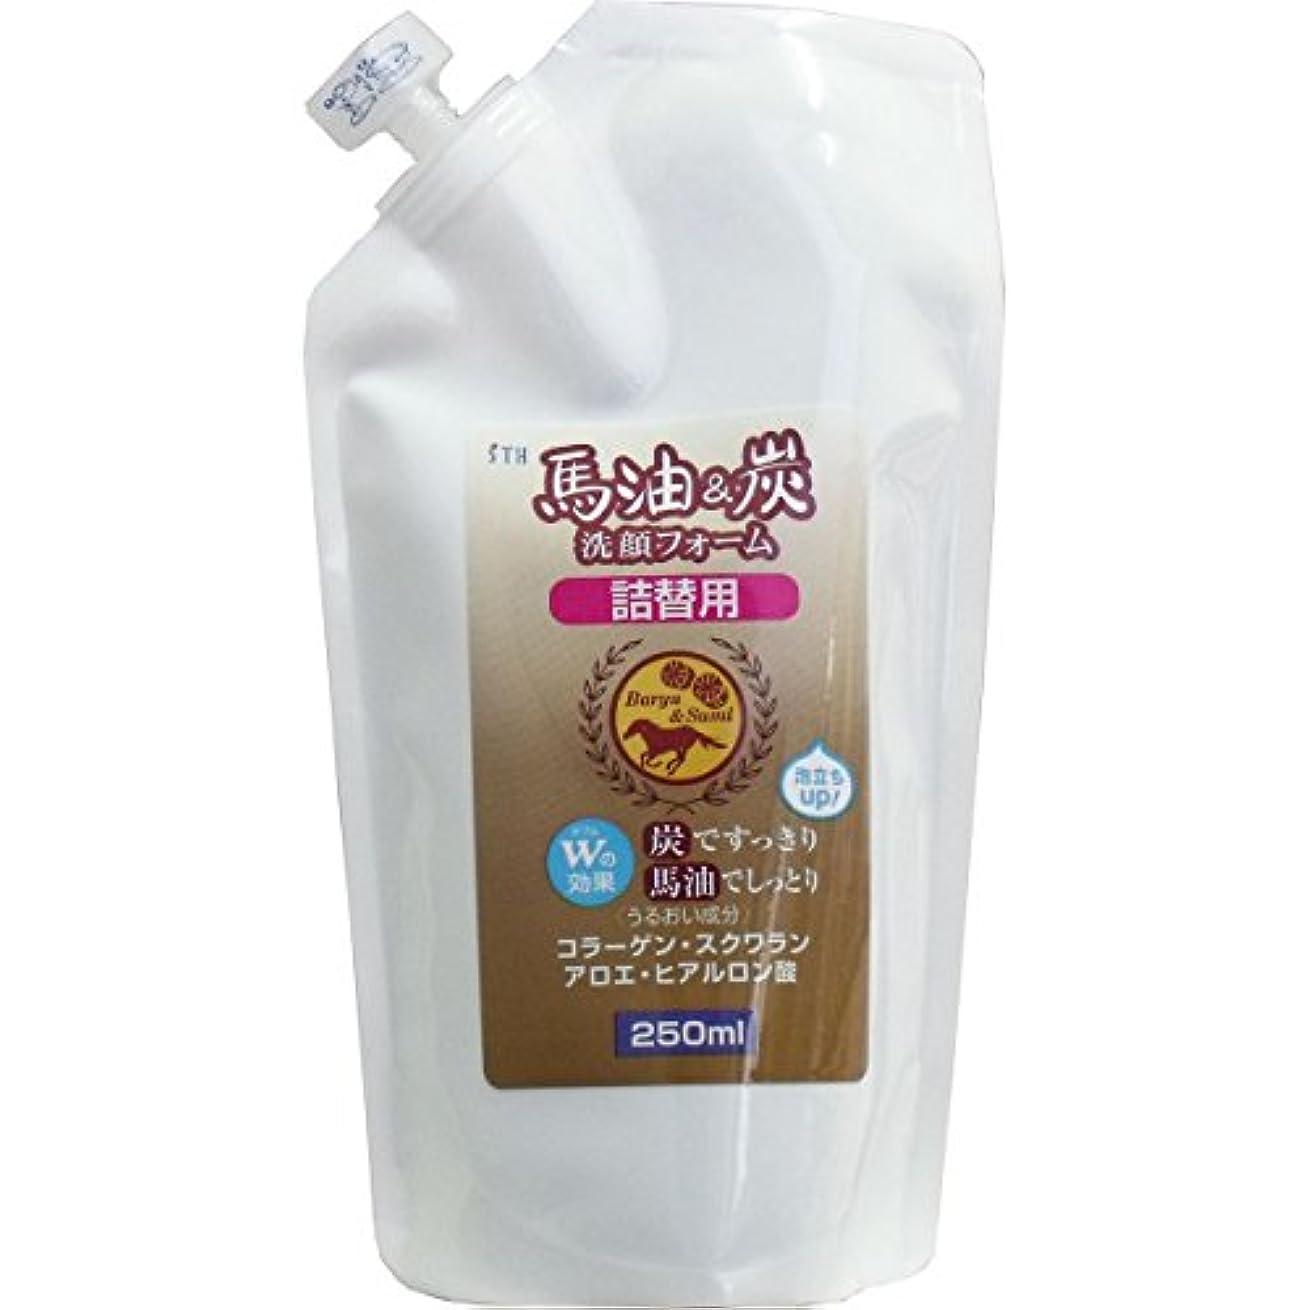 データムホースチョップ馬油&炭 洗顔フォーム 詰替用 250mL【1個】